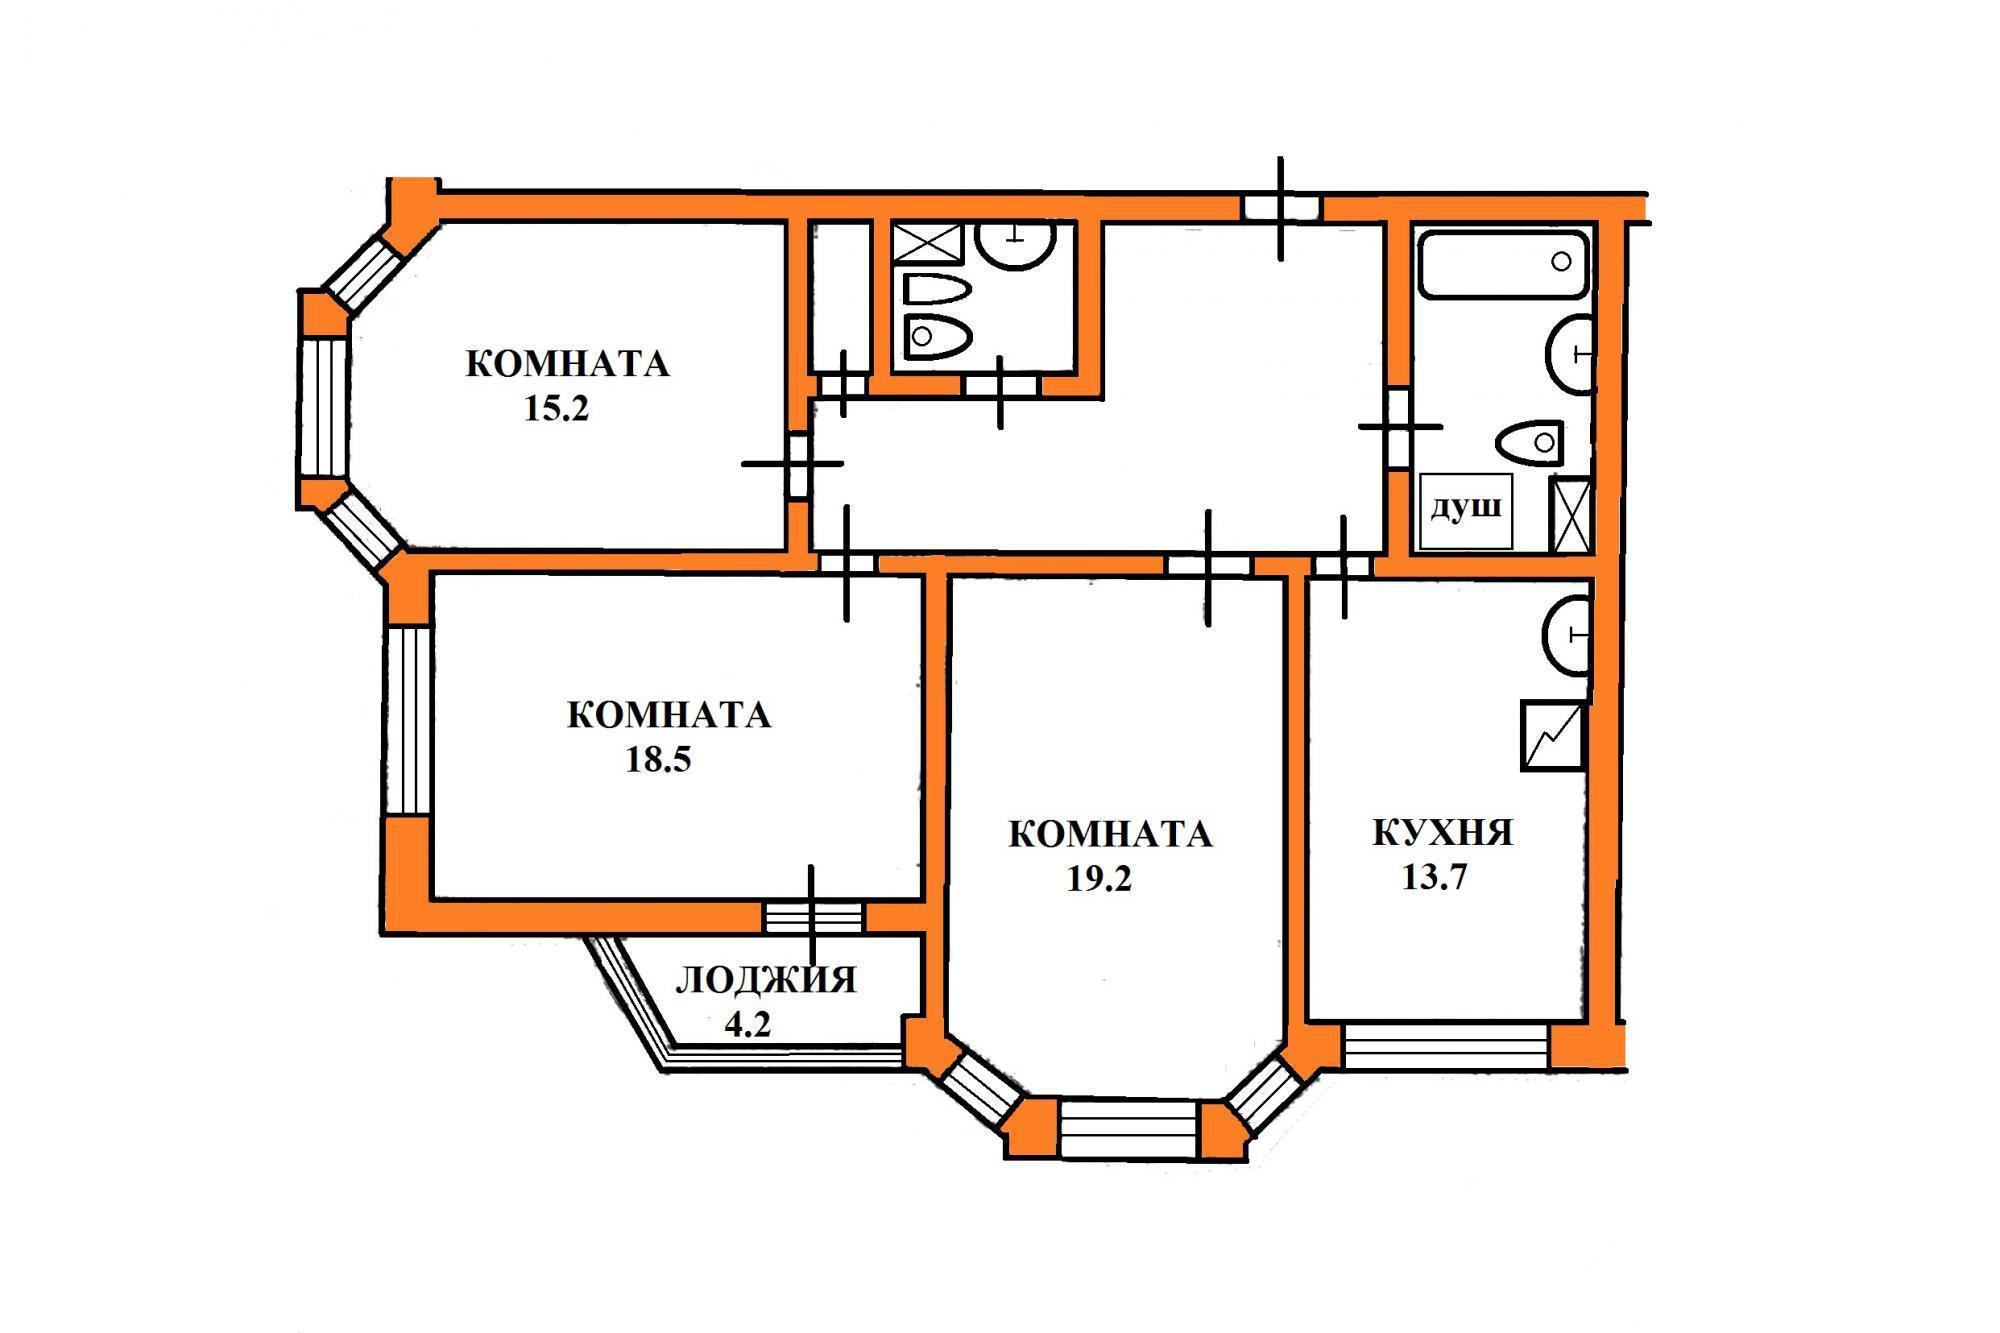 Купить квартиру в новой москве, объявления о продаже вторичк.